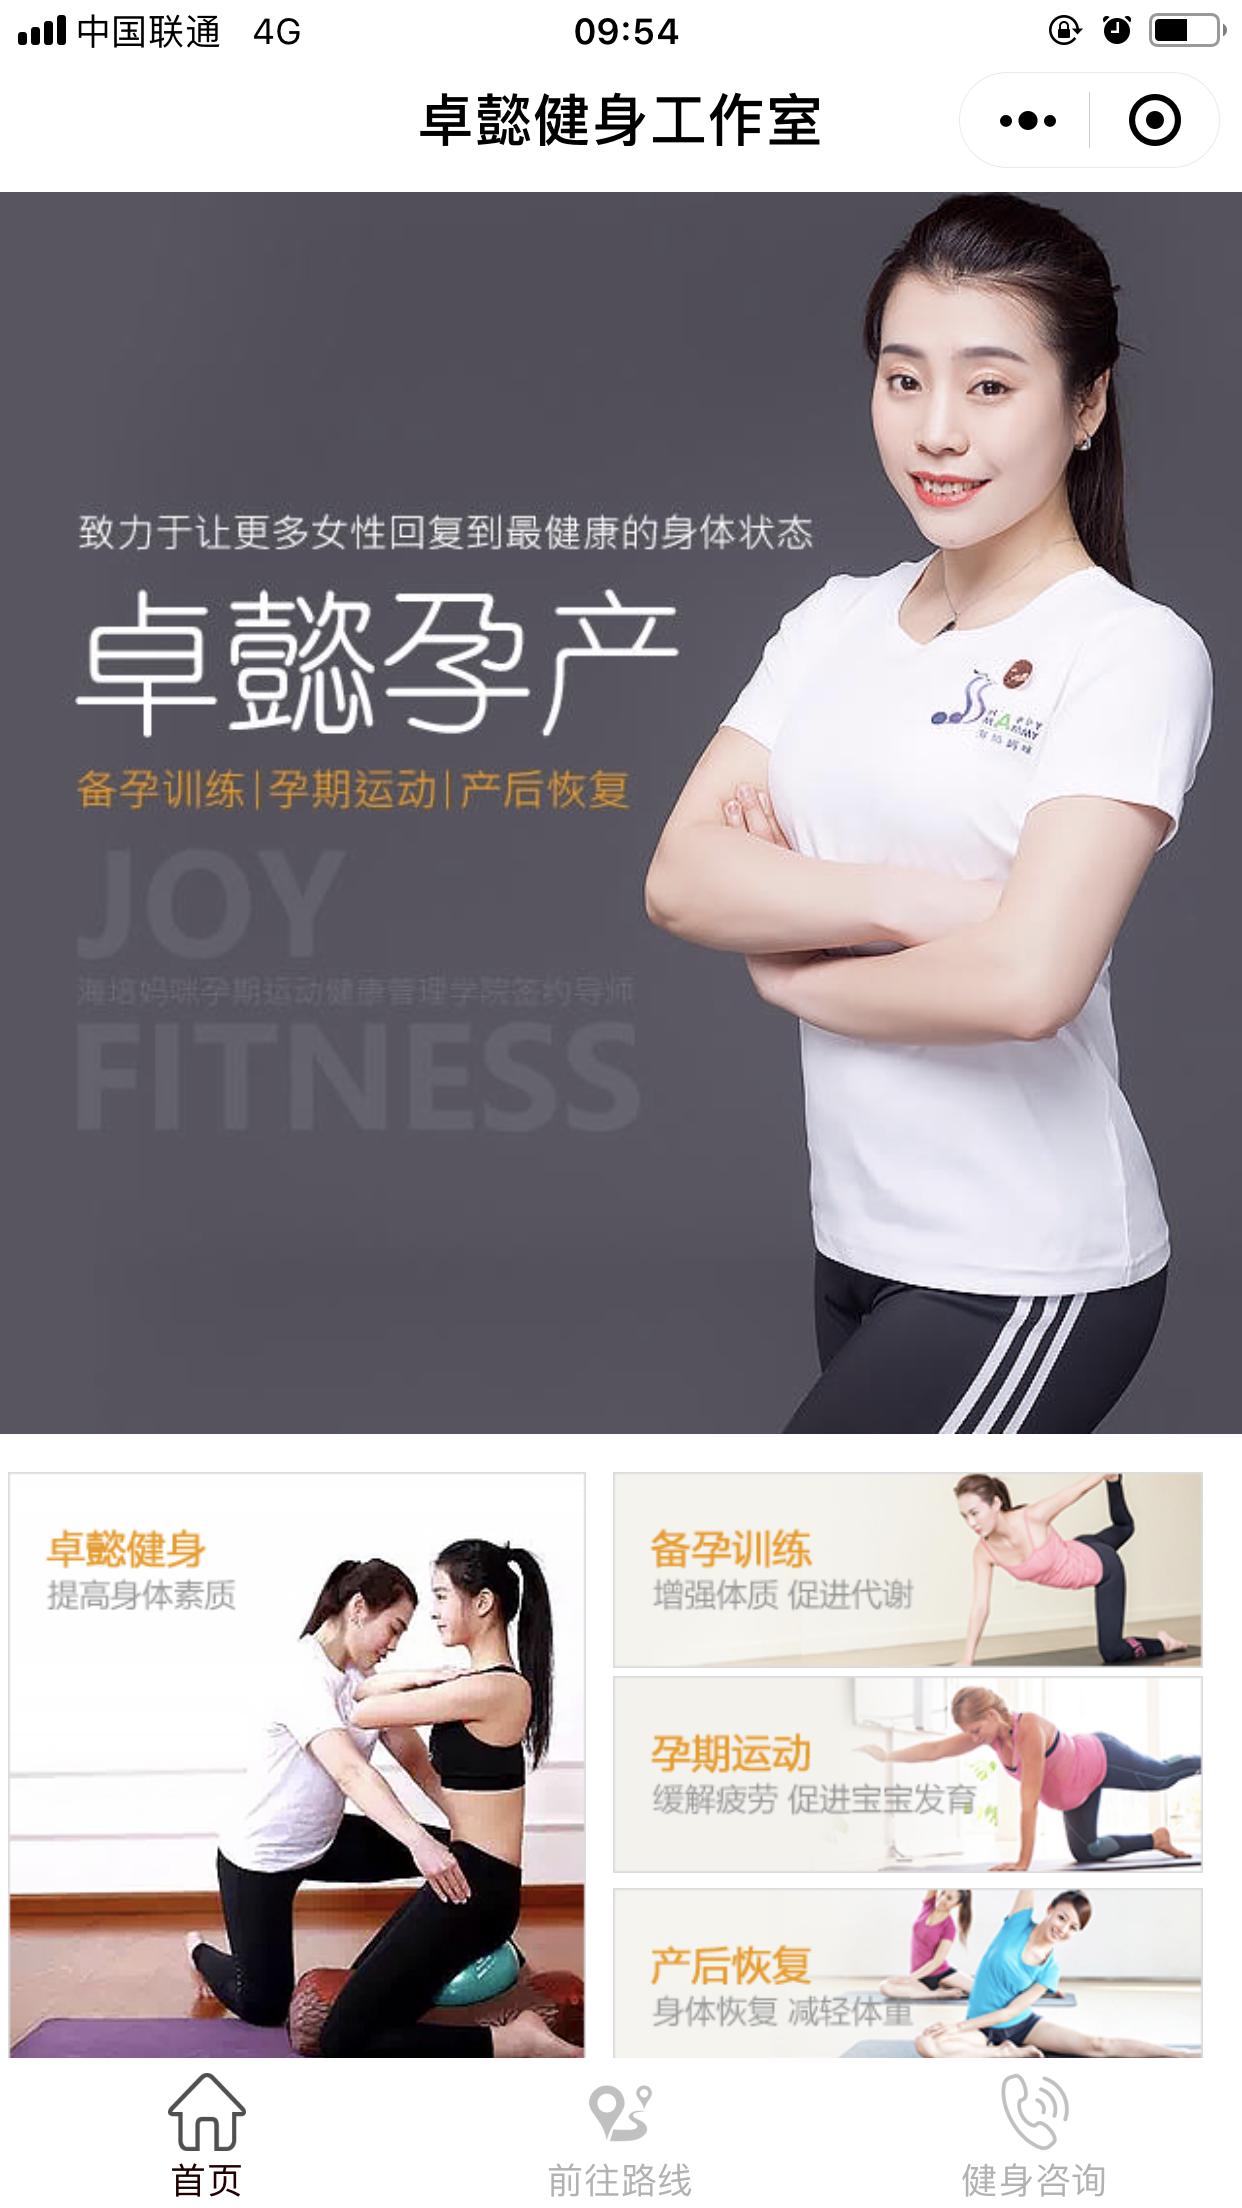 微信卓懿孕产健身工作室小程序